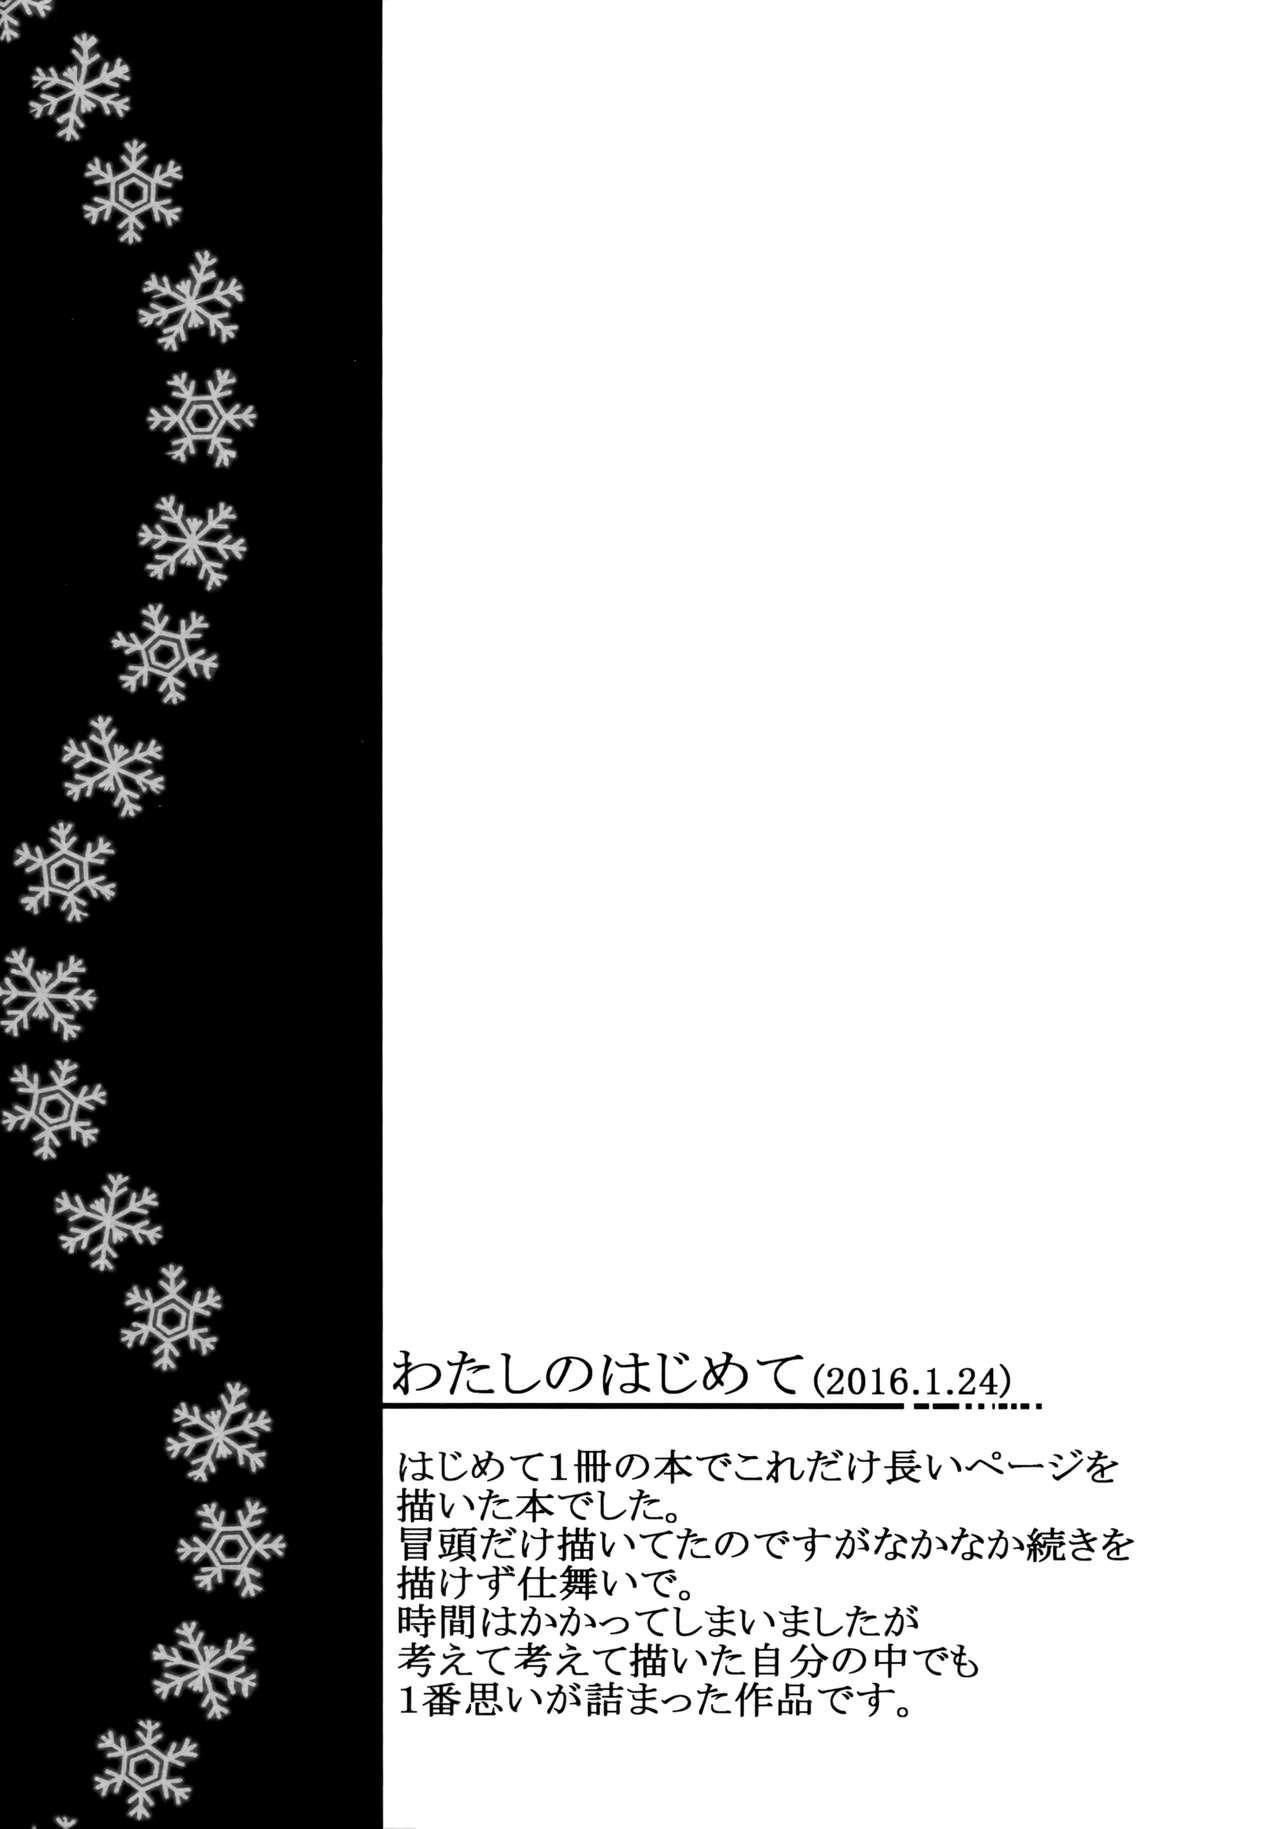 Fuyuiro Memories - Winter Color Memories 98